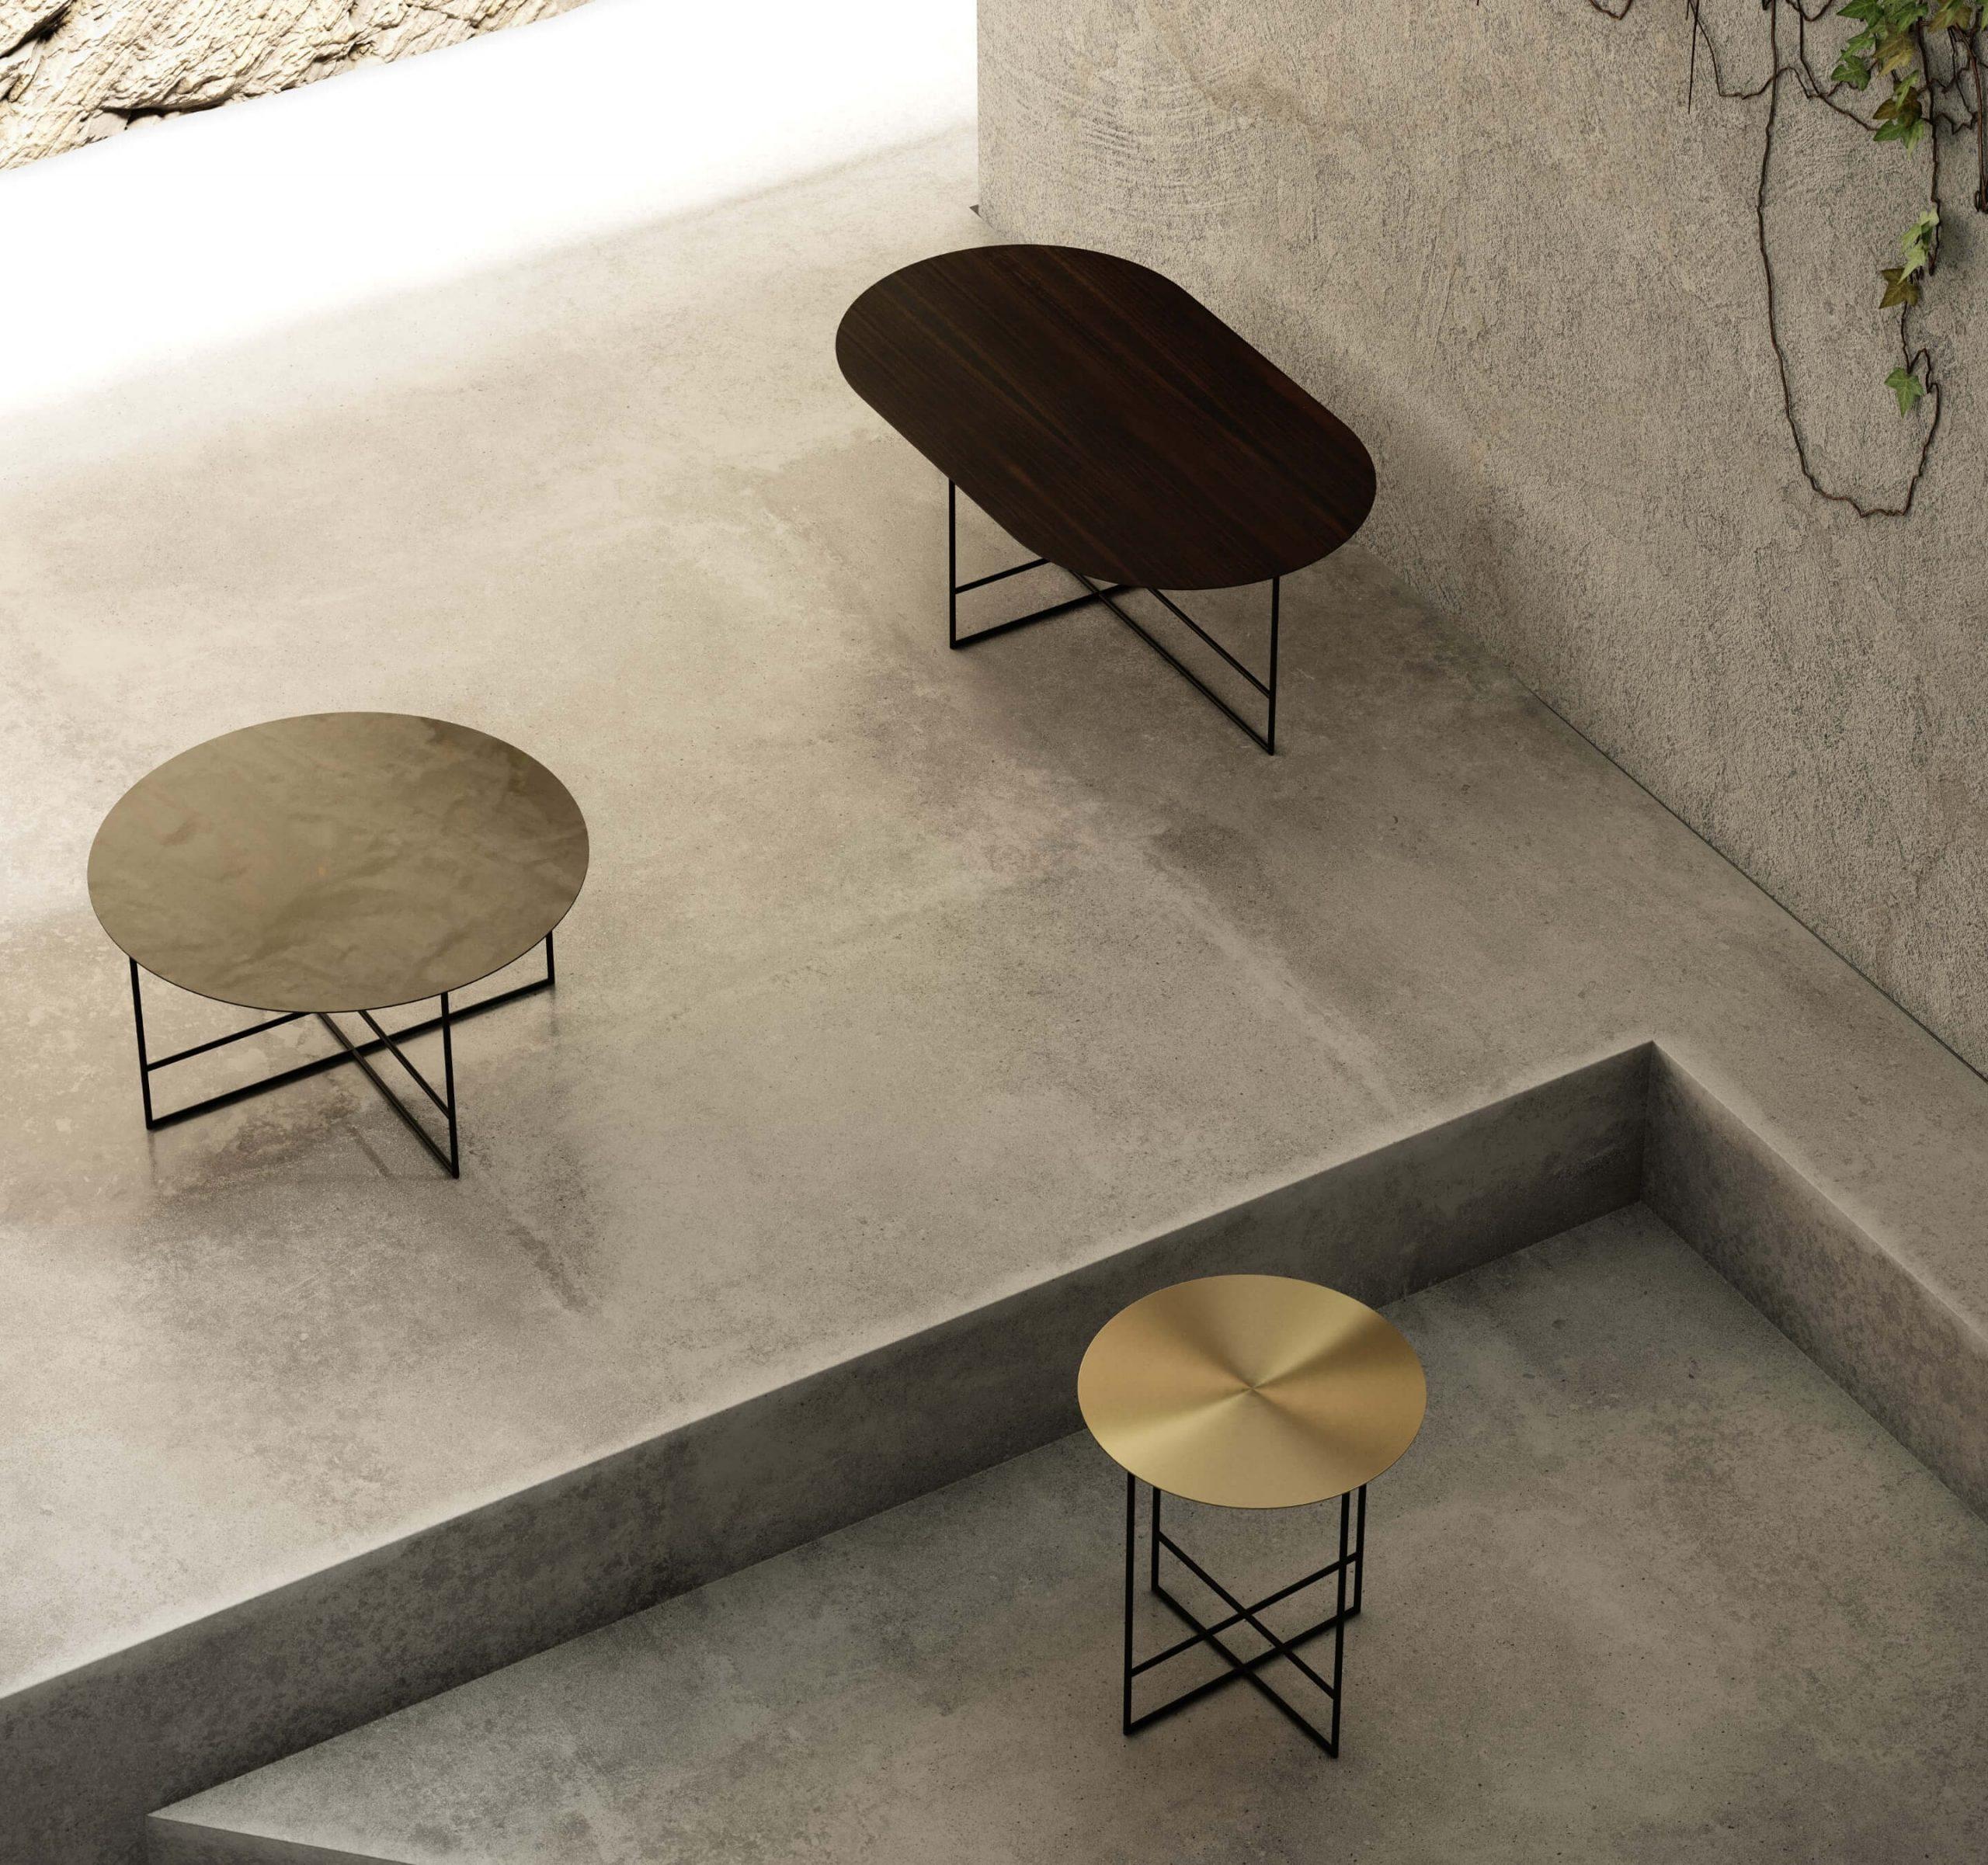 inside-side-table-living-low-room-casegoods-furniture-home-decor-black-base-domkapa